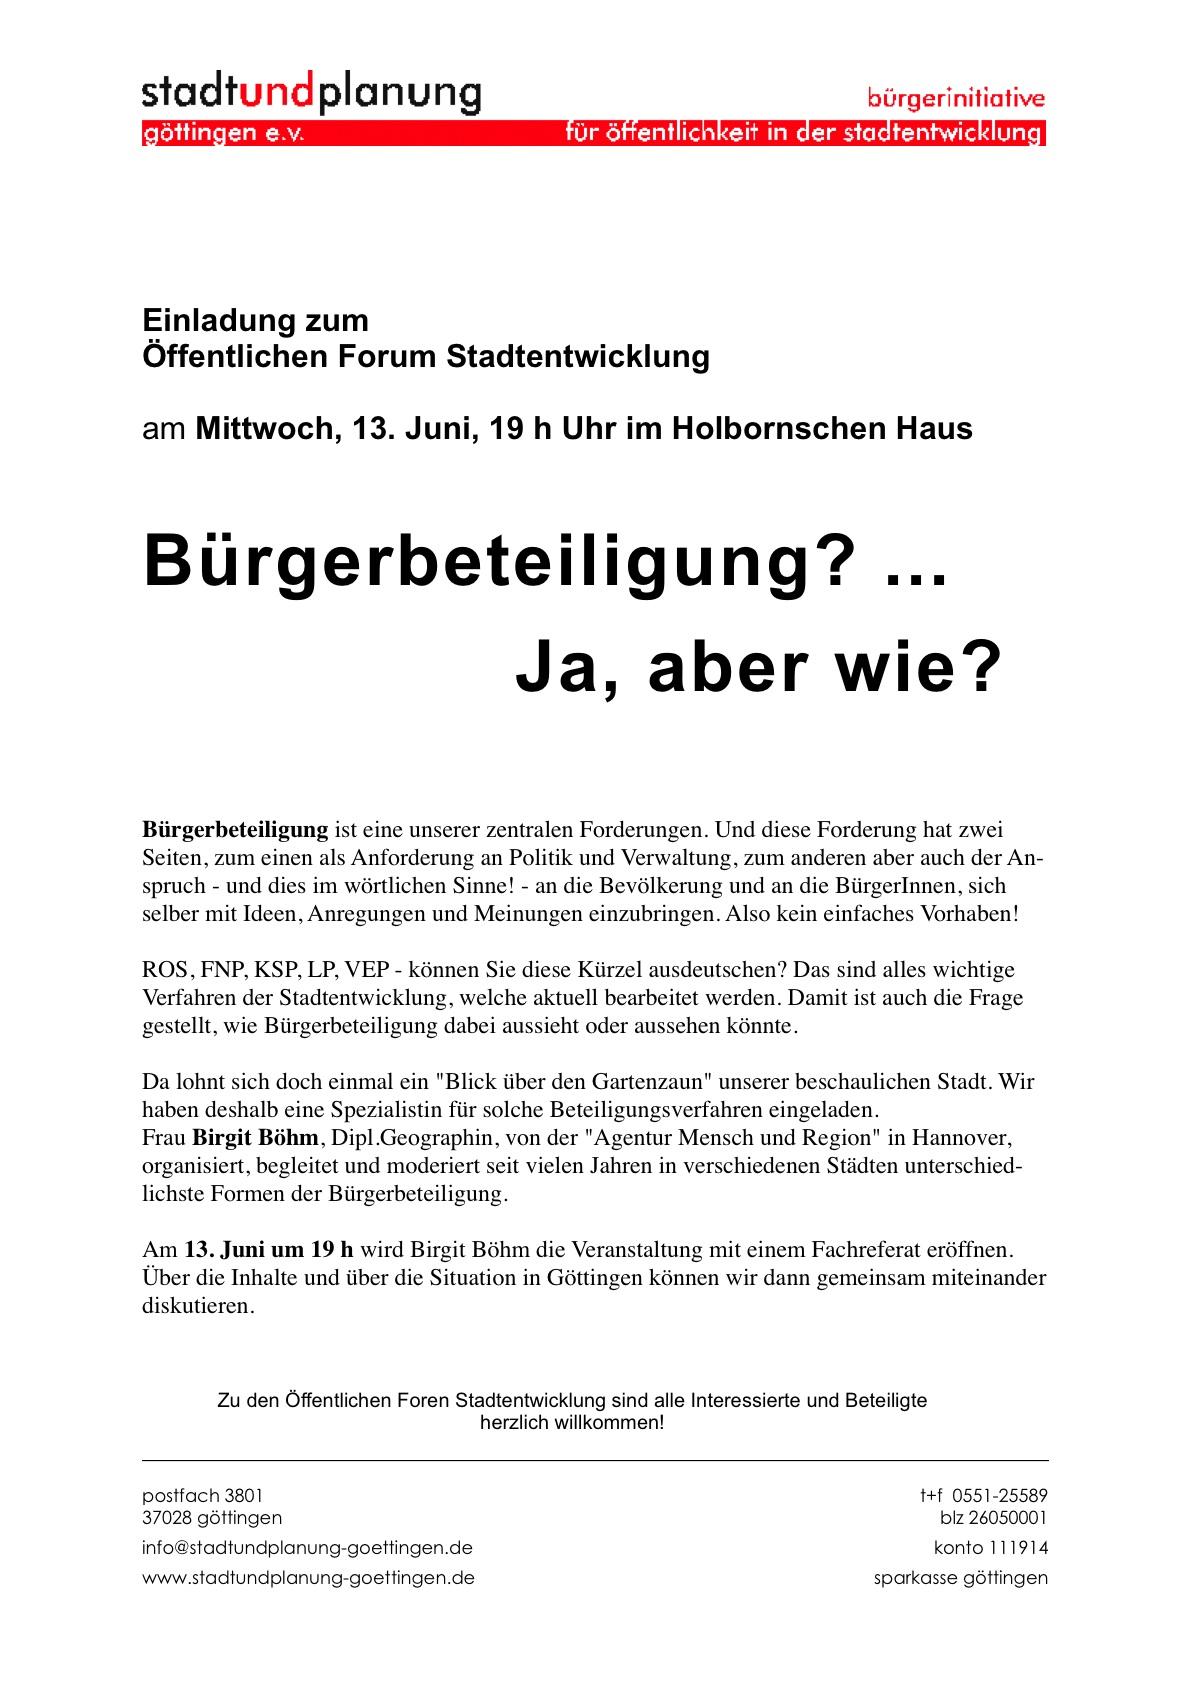 Stadt und Planung Göttingen e.V., Einladung zur Veranstaltung BÜRGERBETEILIGUNG